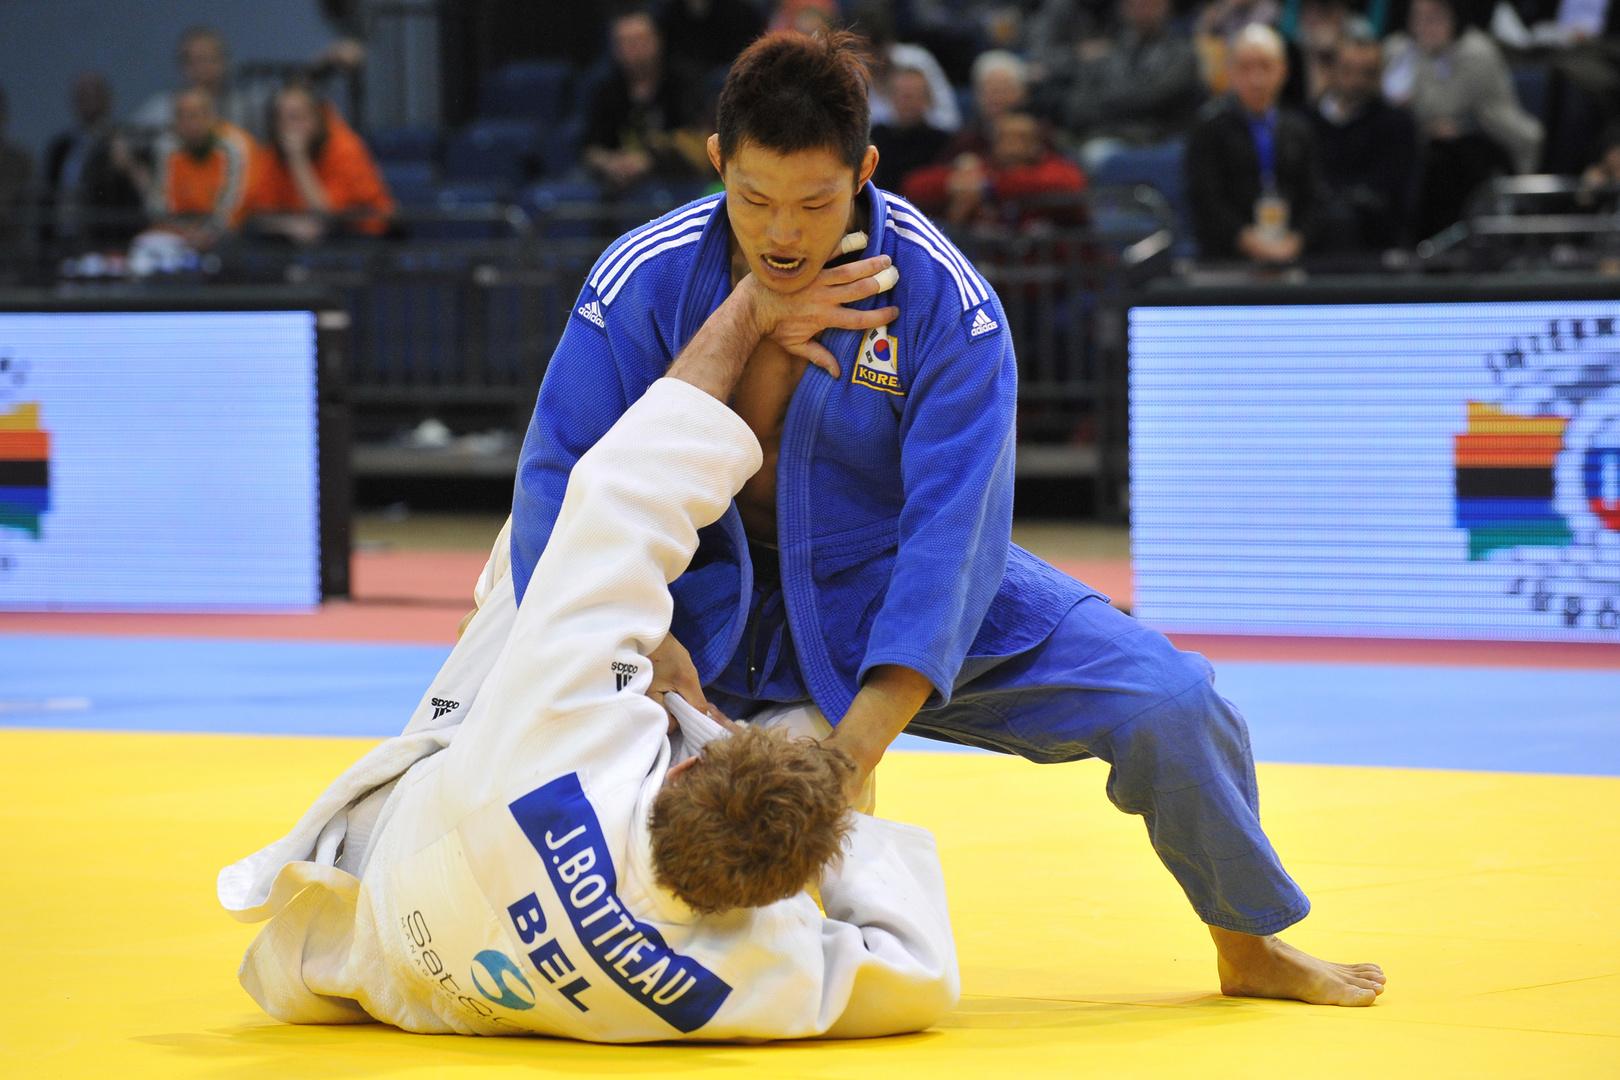 Judo #1